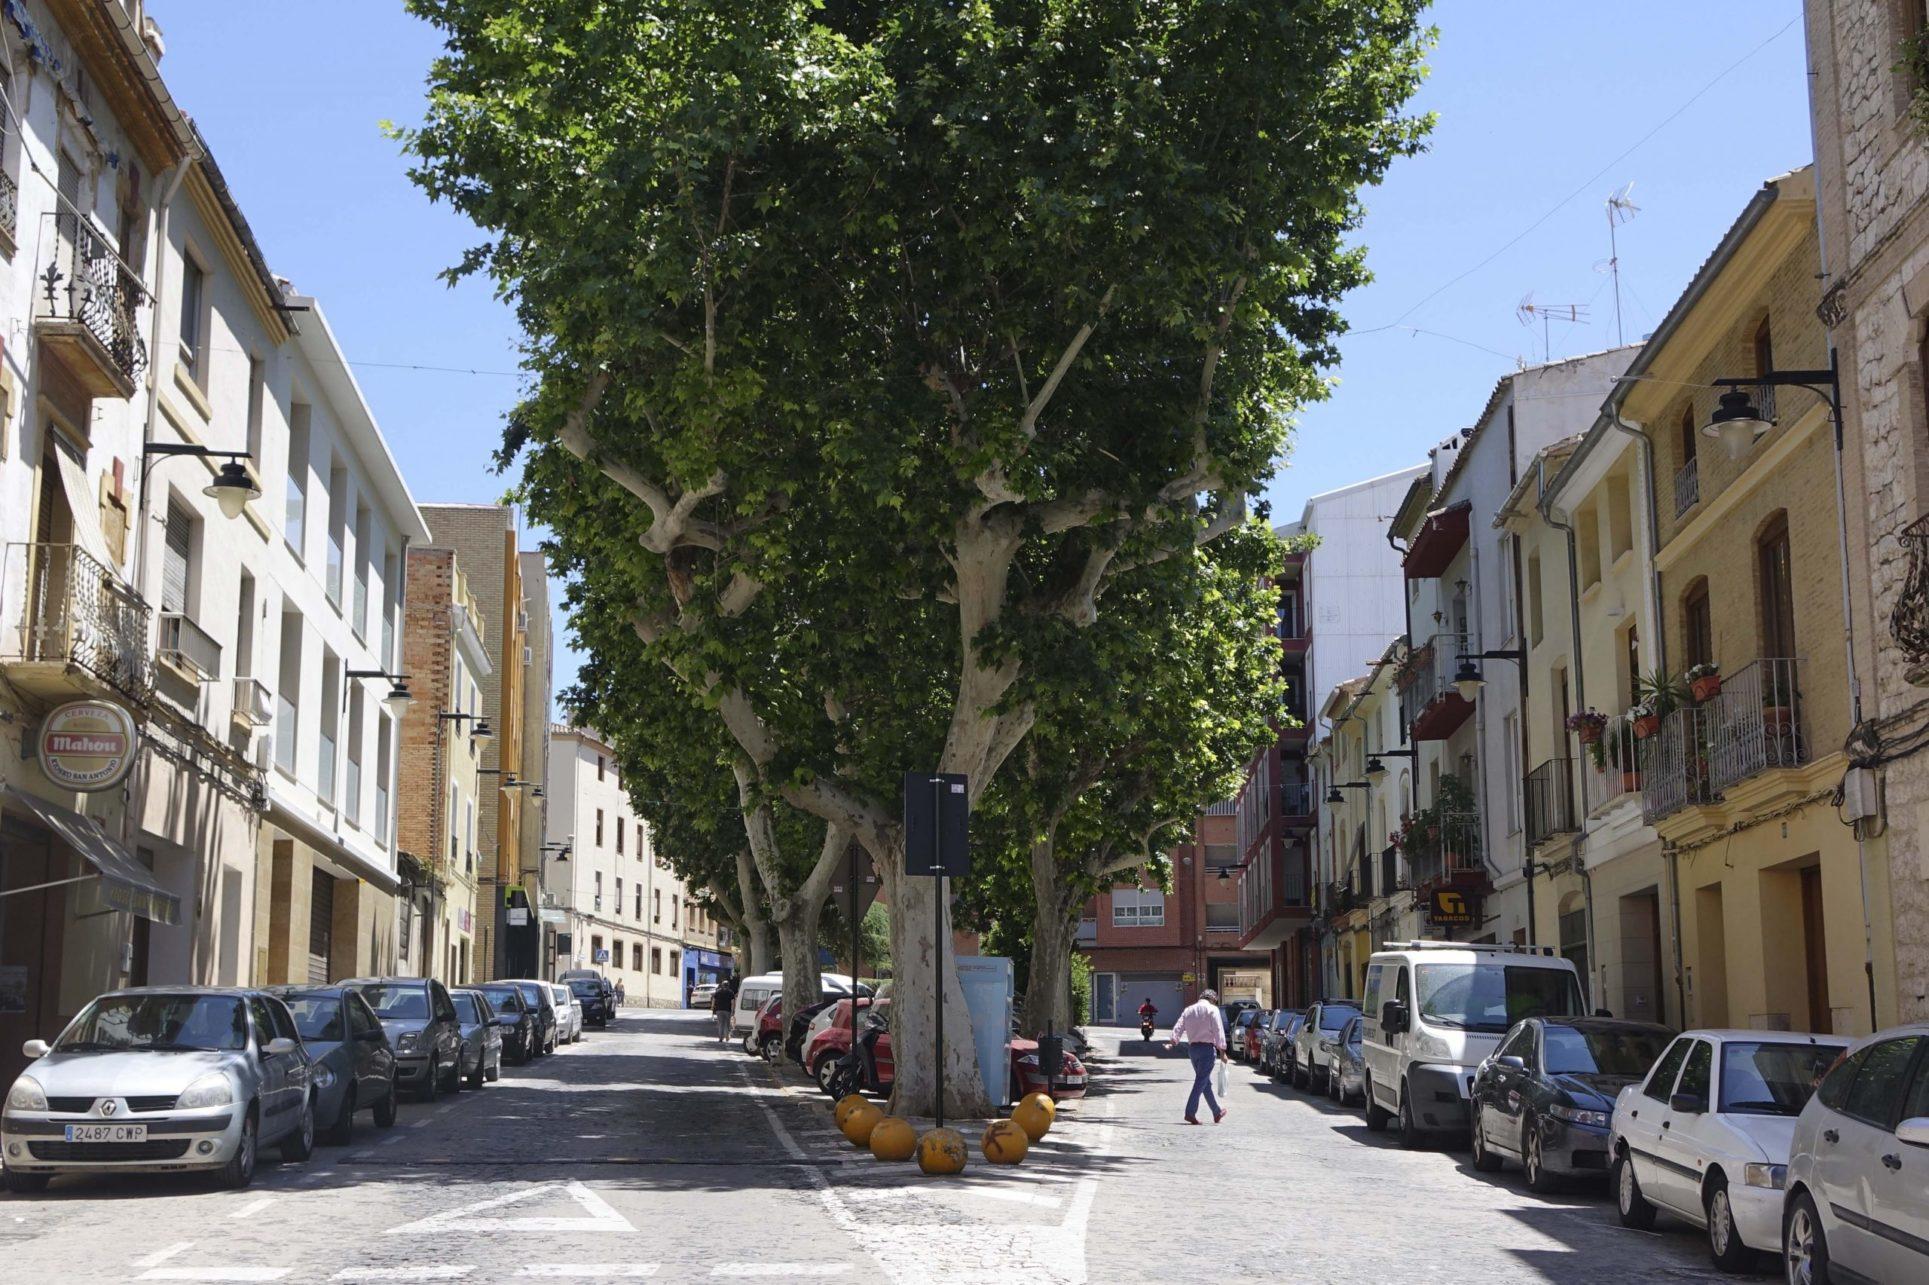 Els veïns decidiran el redisseny de Sant Antoni El Periòdic d'Ontinyent